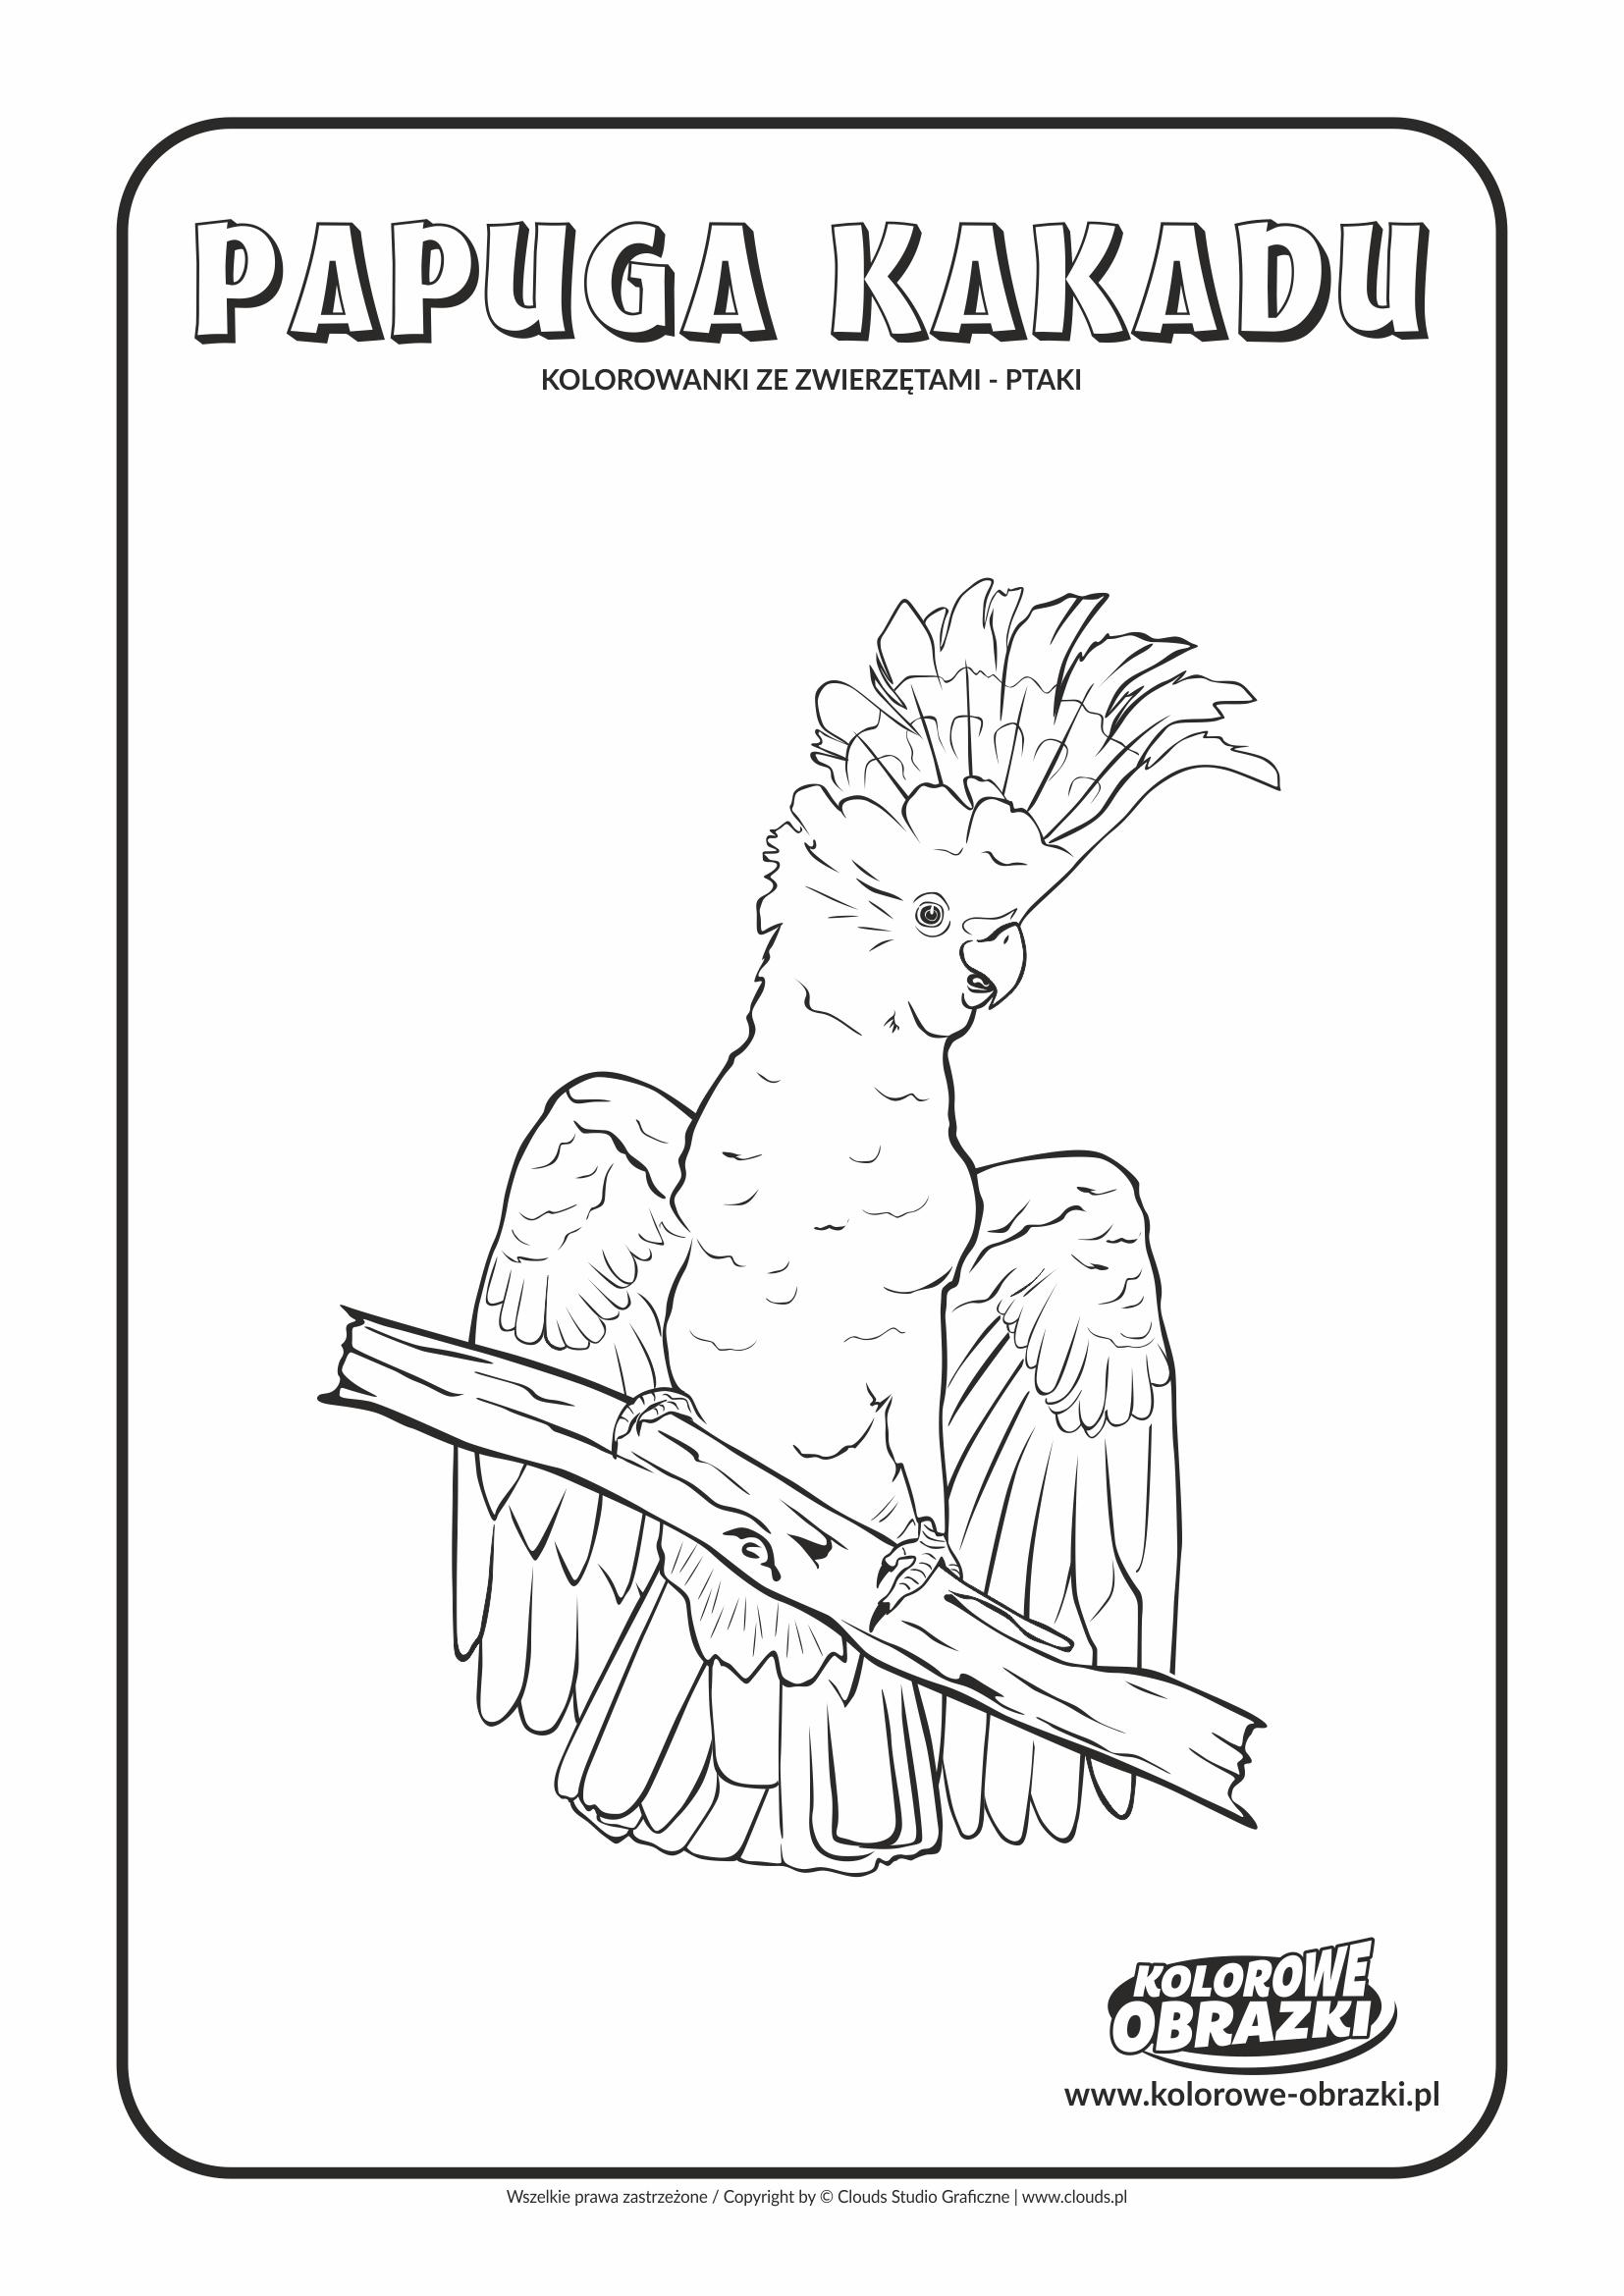 Kolorowanki dla dzieci - Zwierzęta / Papuga kakadu. Kolorowanka z papugą kakadu